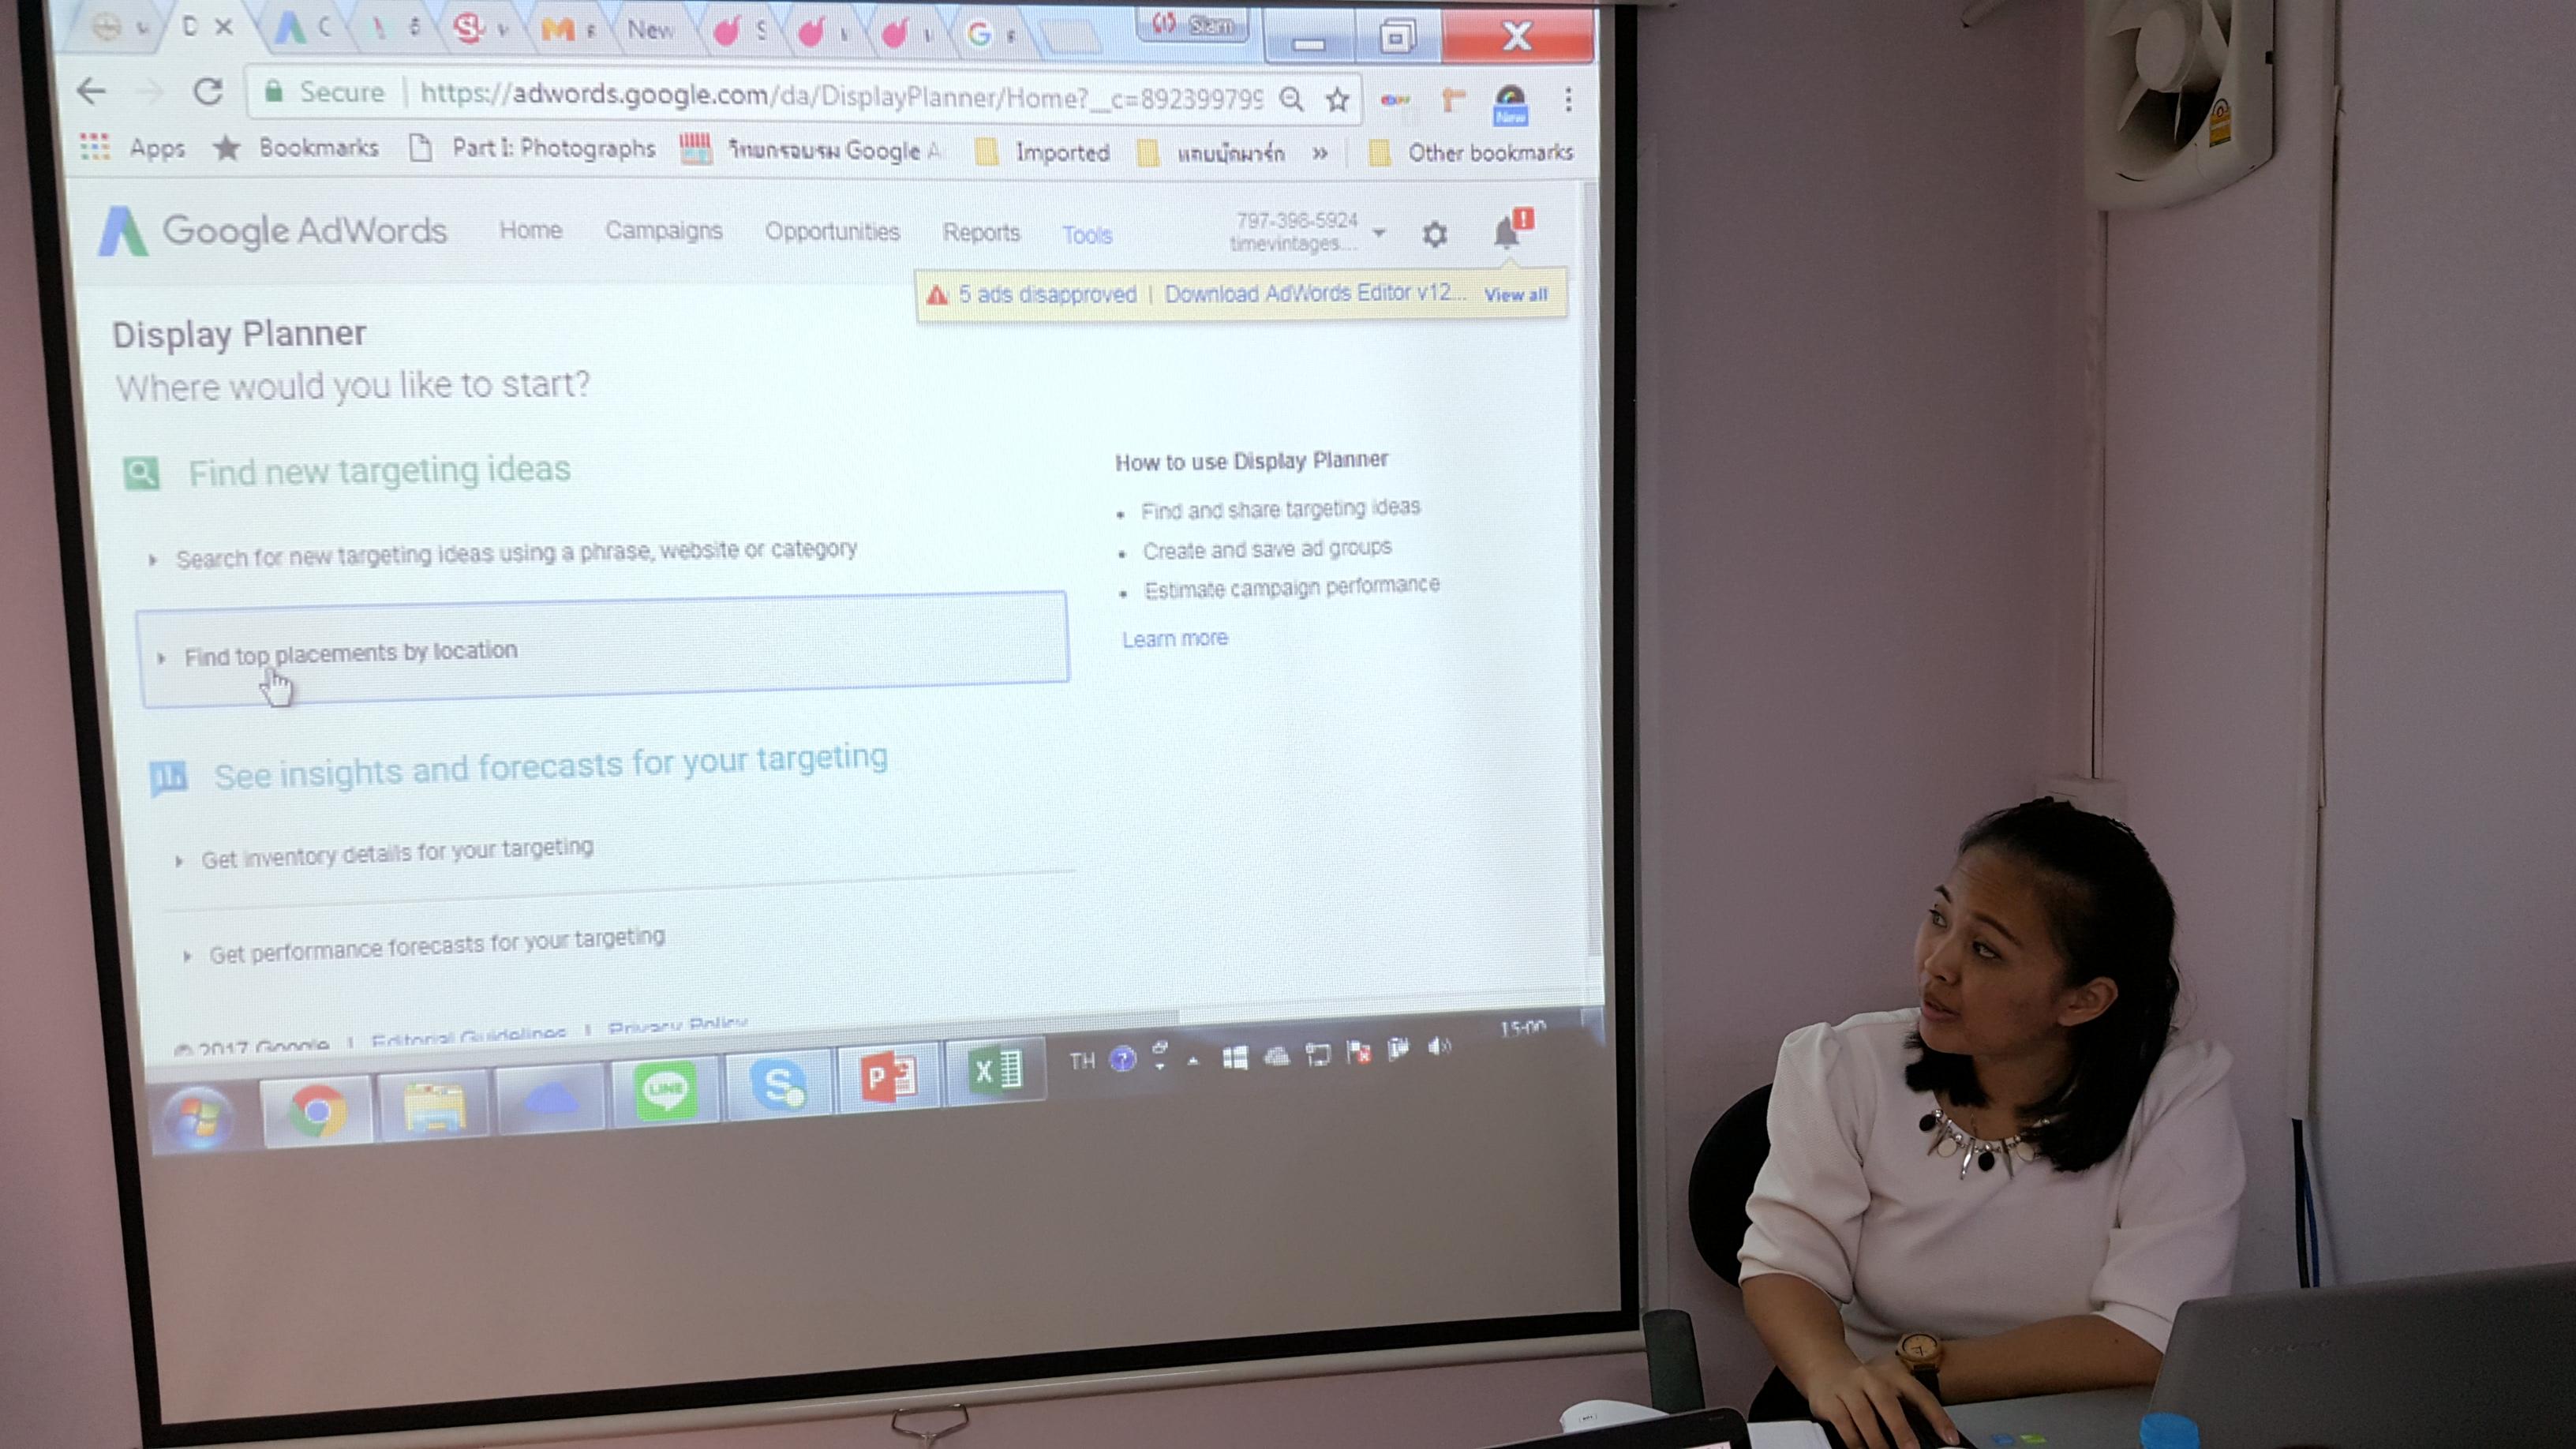 เรียนหลักสูตรอบรม google adwords กับอาจารย์ใบตอง